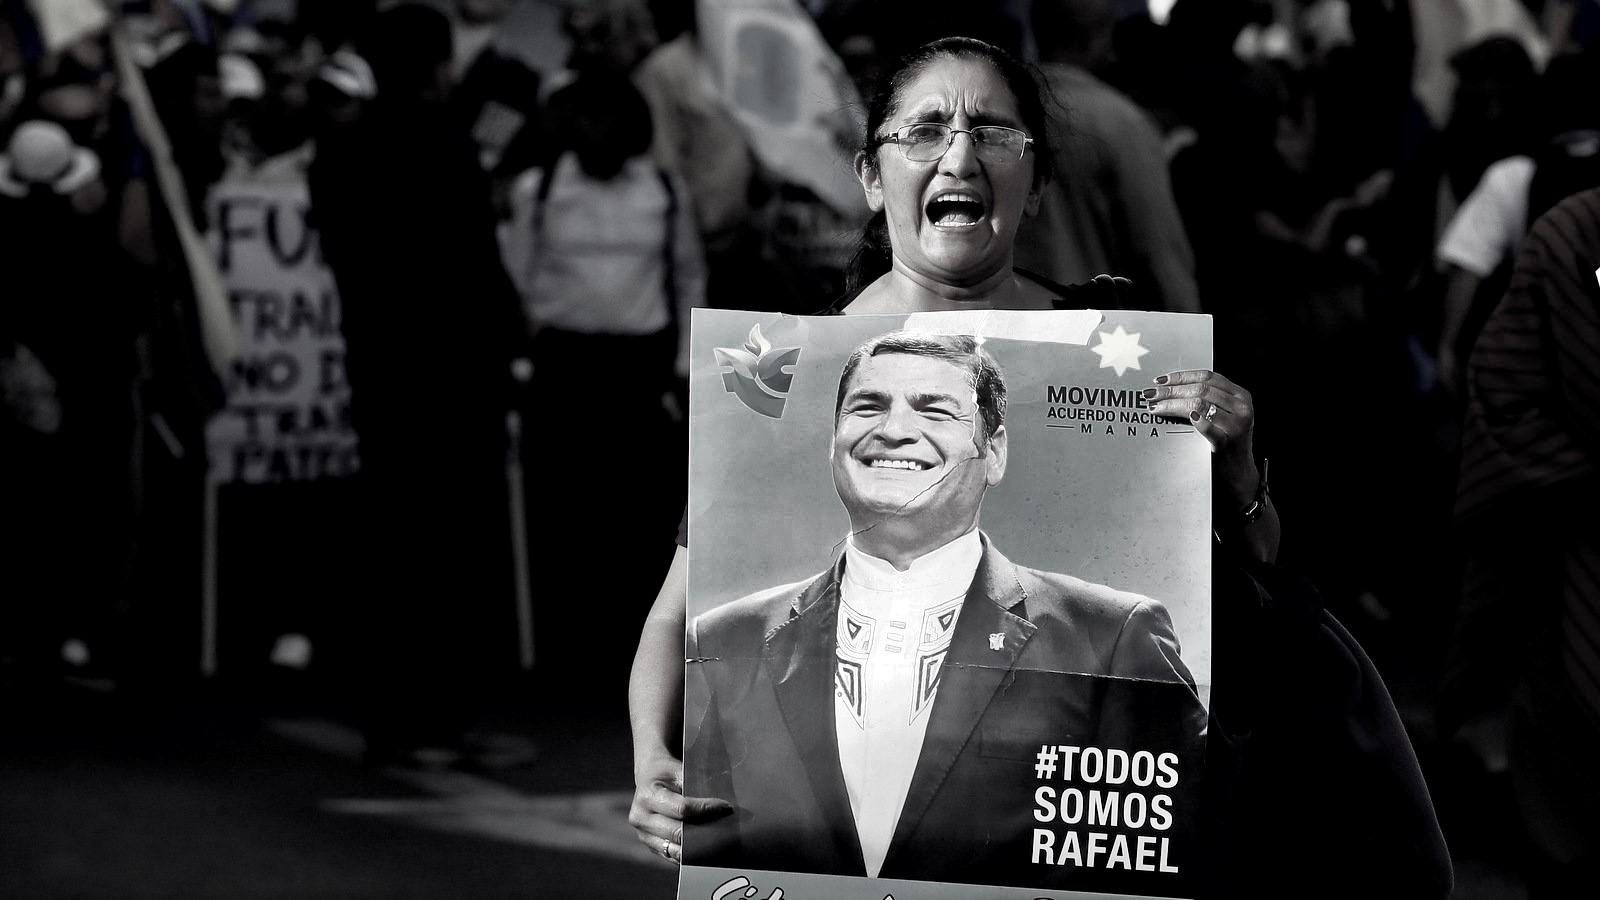 Reveladores videos demuestran inocencia de Rafael Correa y fraude procesal en su contra